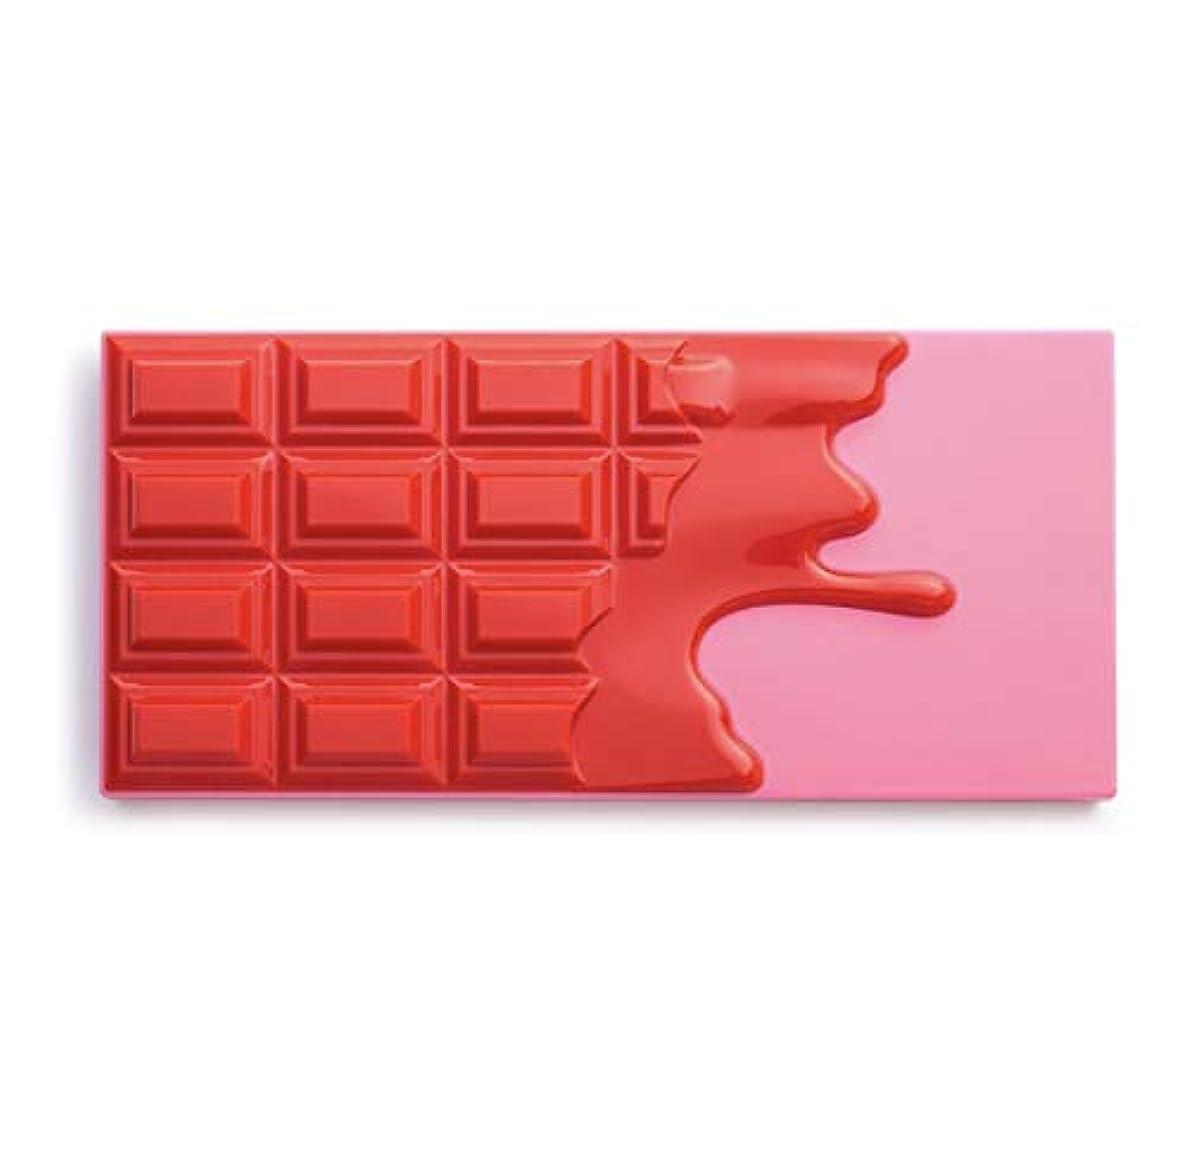 モデレータ熱帯のしたがってメイクアップレボリューション アイラブメイクアップ チョコレート型18色アイシャドウパレット #Cherry Chocolate